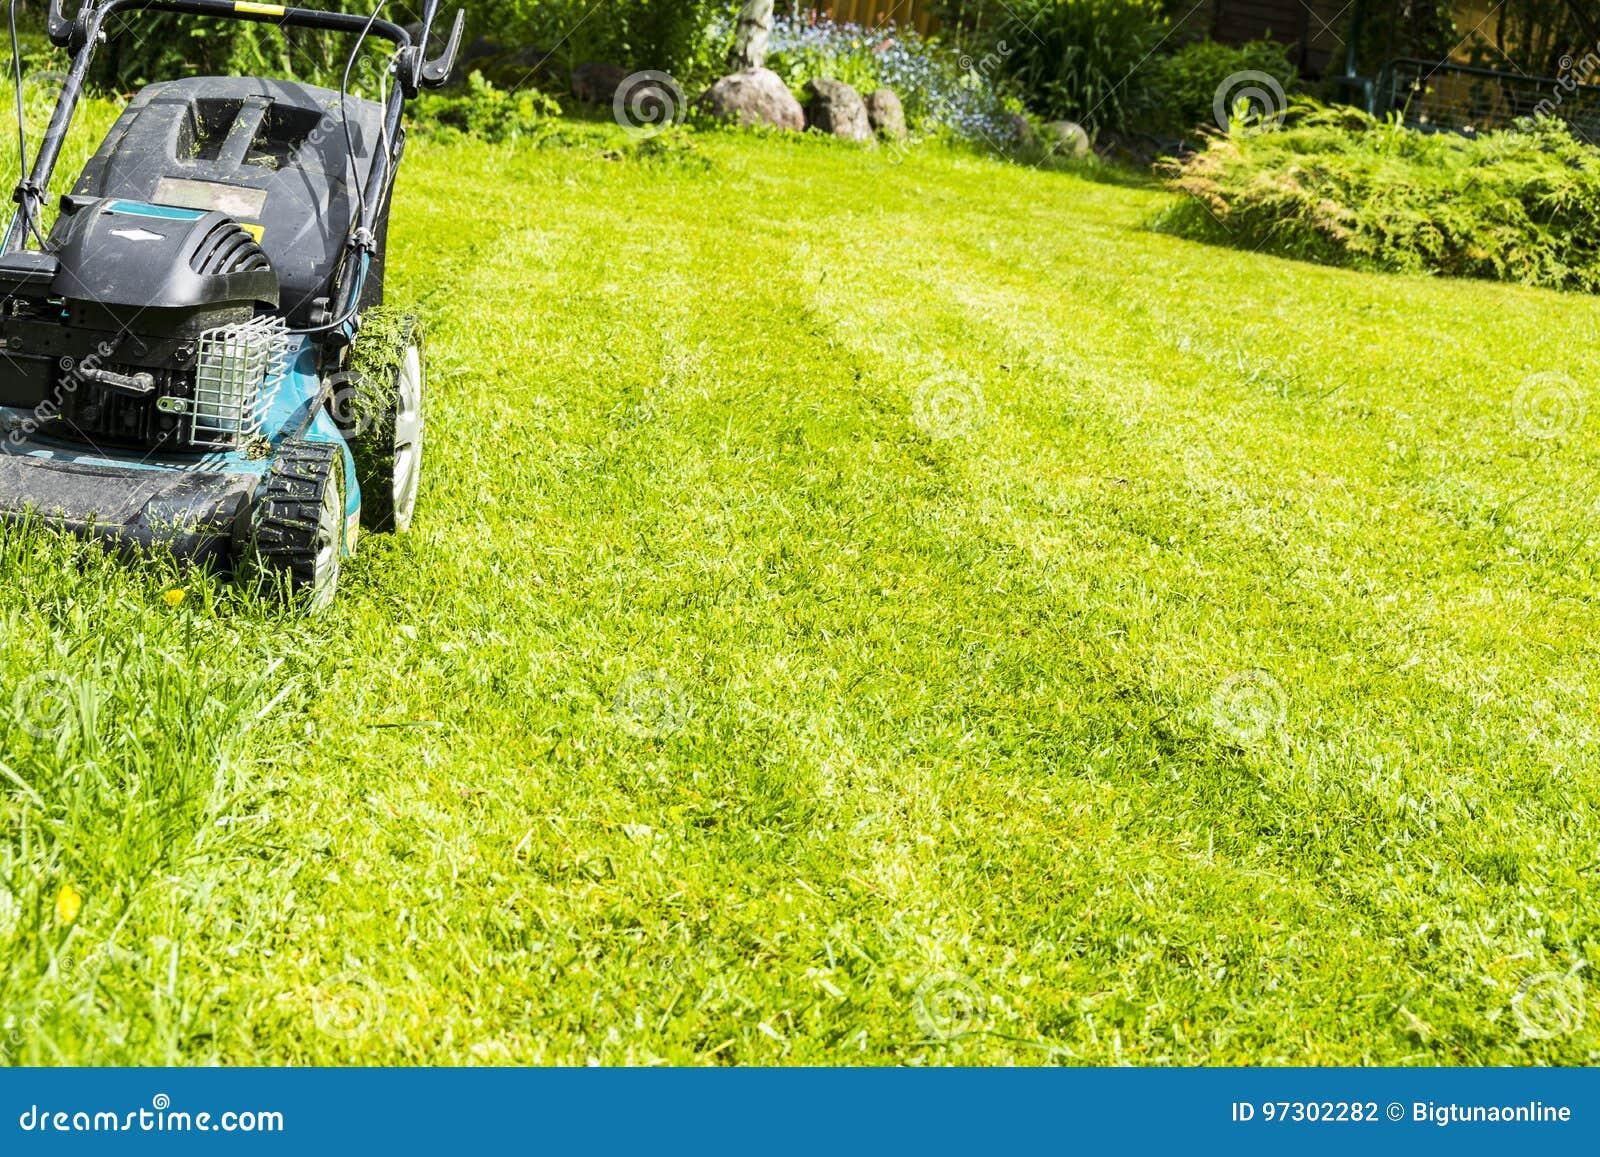 Οι κόβοντας χορτοτάπητες, θεριστής χορτοταπήτων στην πράσινη χλόη, εξοπλισμός χλόης θεριστών, κόβοντας εργαλείο εργασίας προσοχής